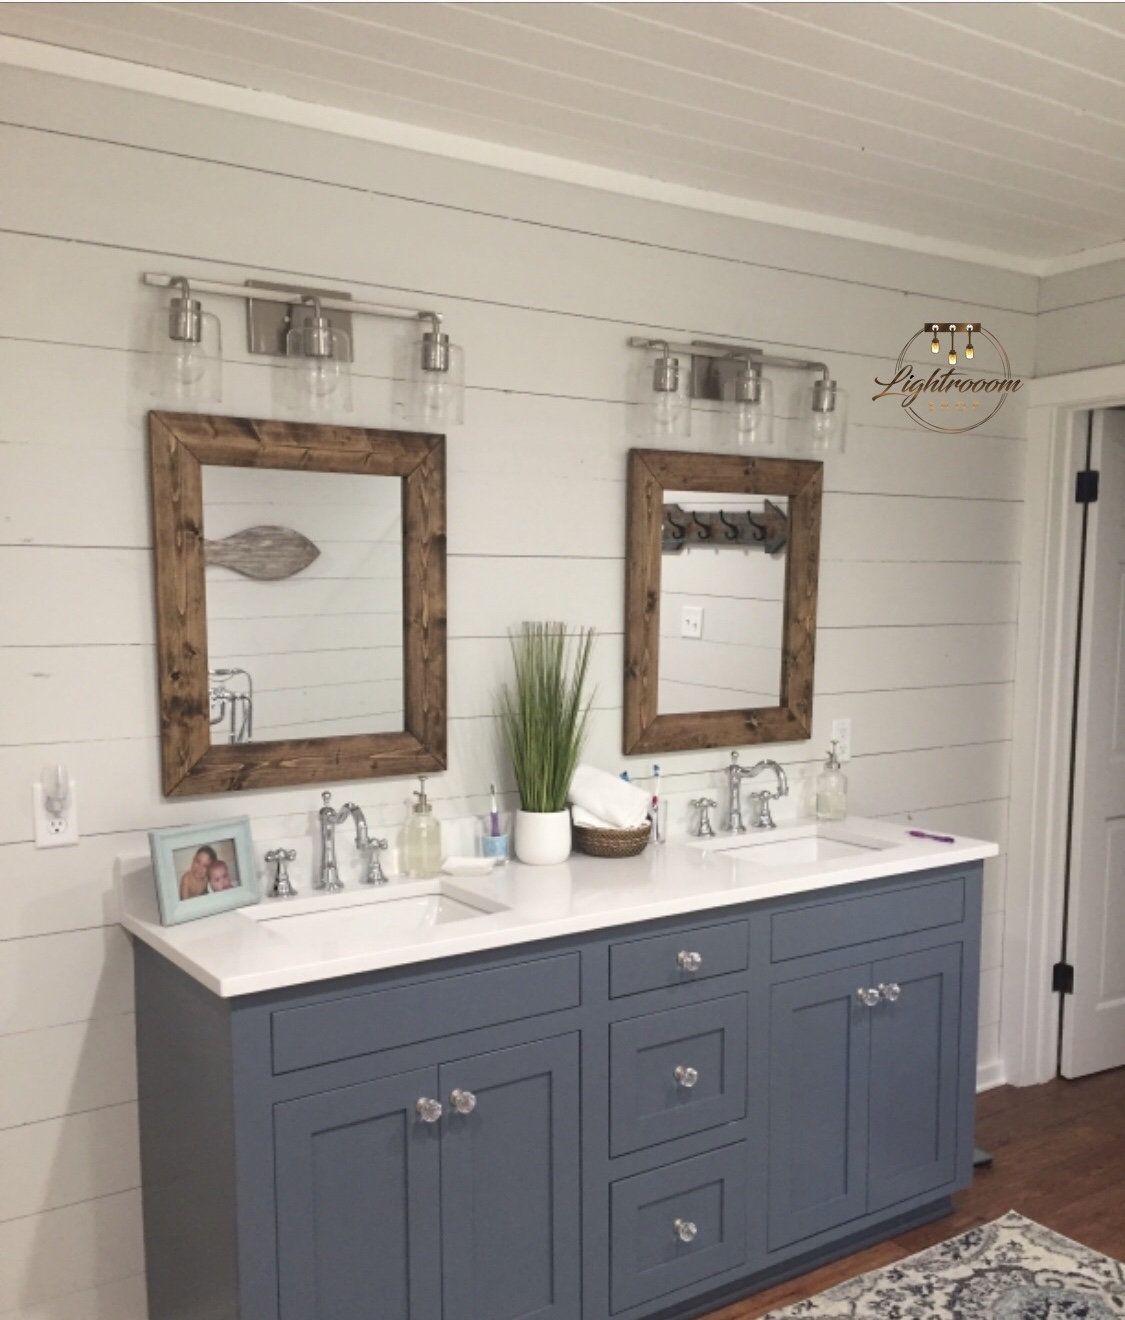 Whitewash Mirror Wood Framed Mirror Rustic Wood Mirror Bathroom Mirror Wall Mirror Vanity Mirror Small Mirror Large Mirror Gift Wood Framed Mirror Small Bathroom Mirrors Wood Mirror